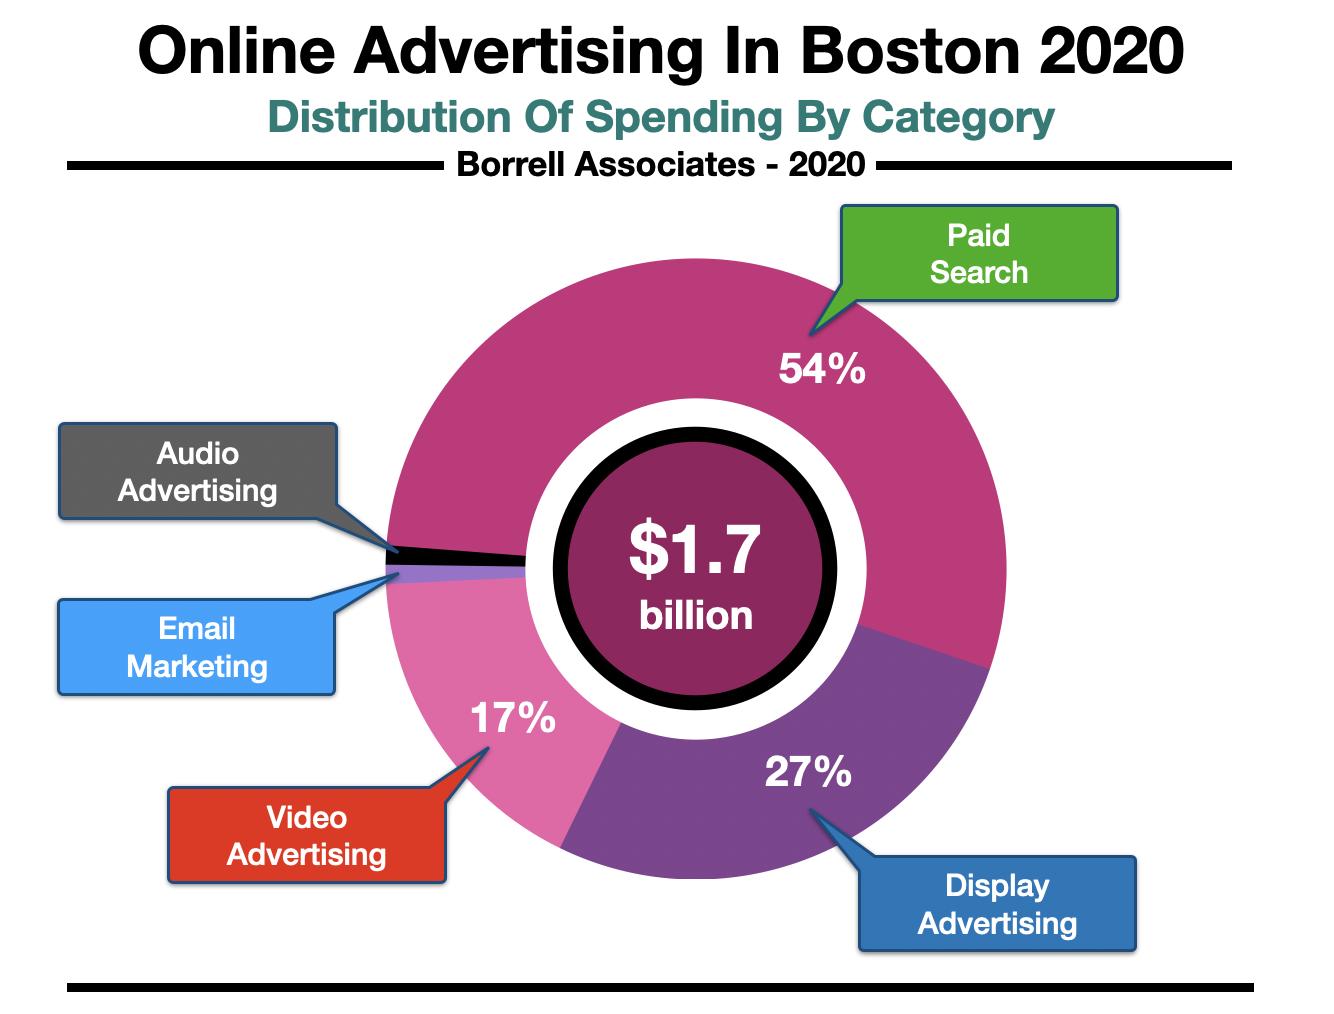 Online Advertising In Boston Spending